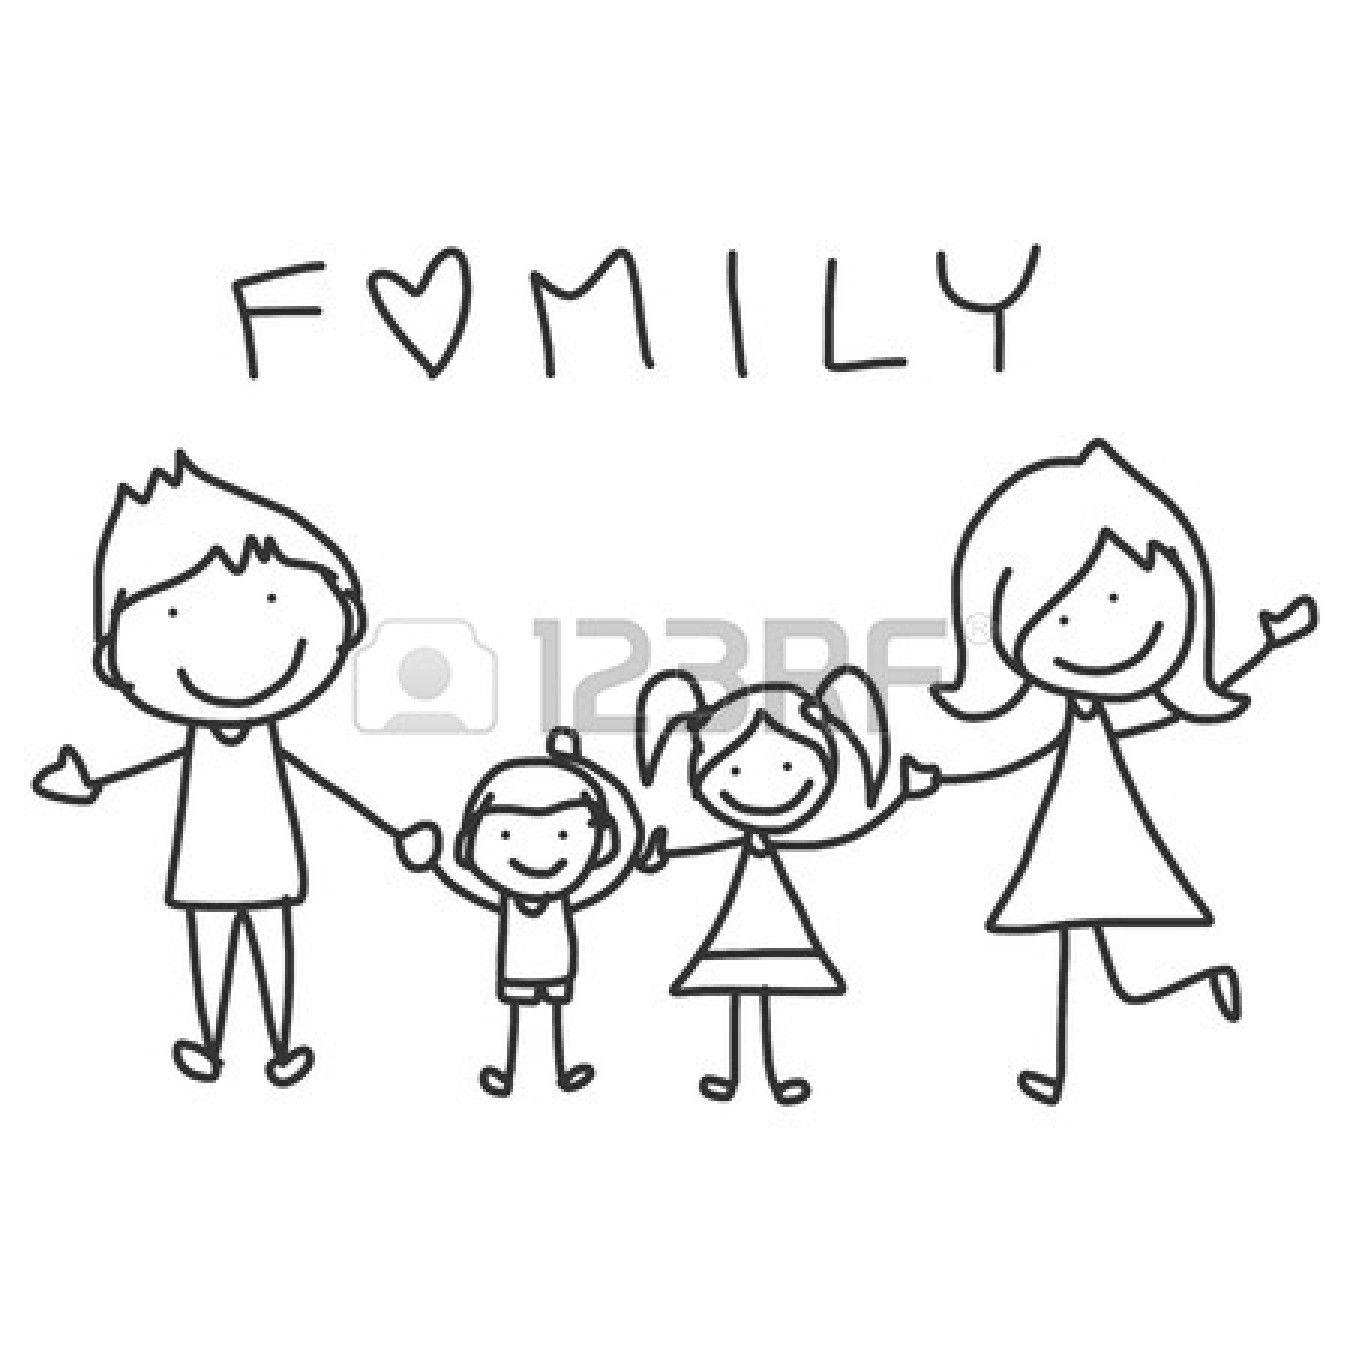 Disegno a mano cartone animato della famiglia felice vita